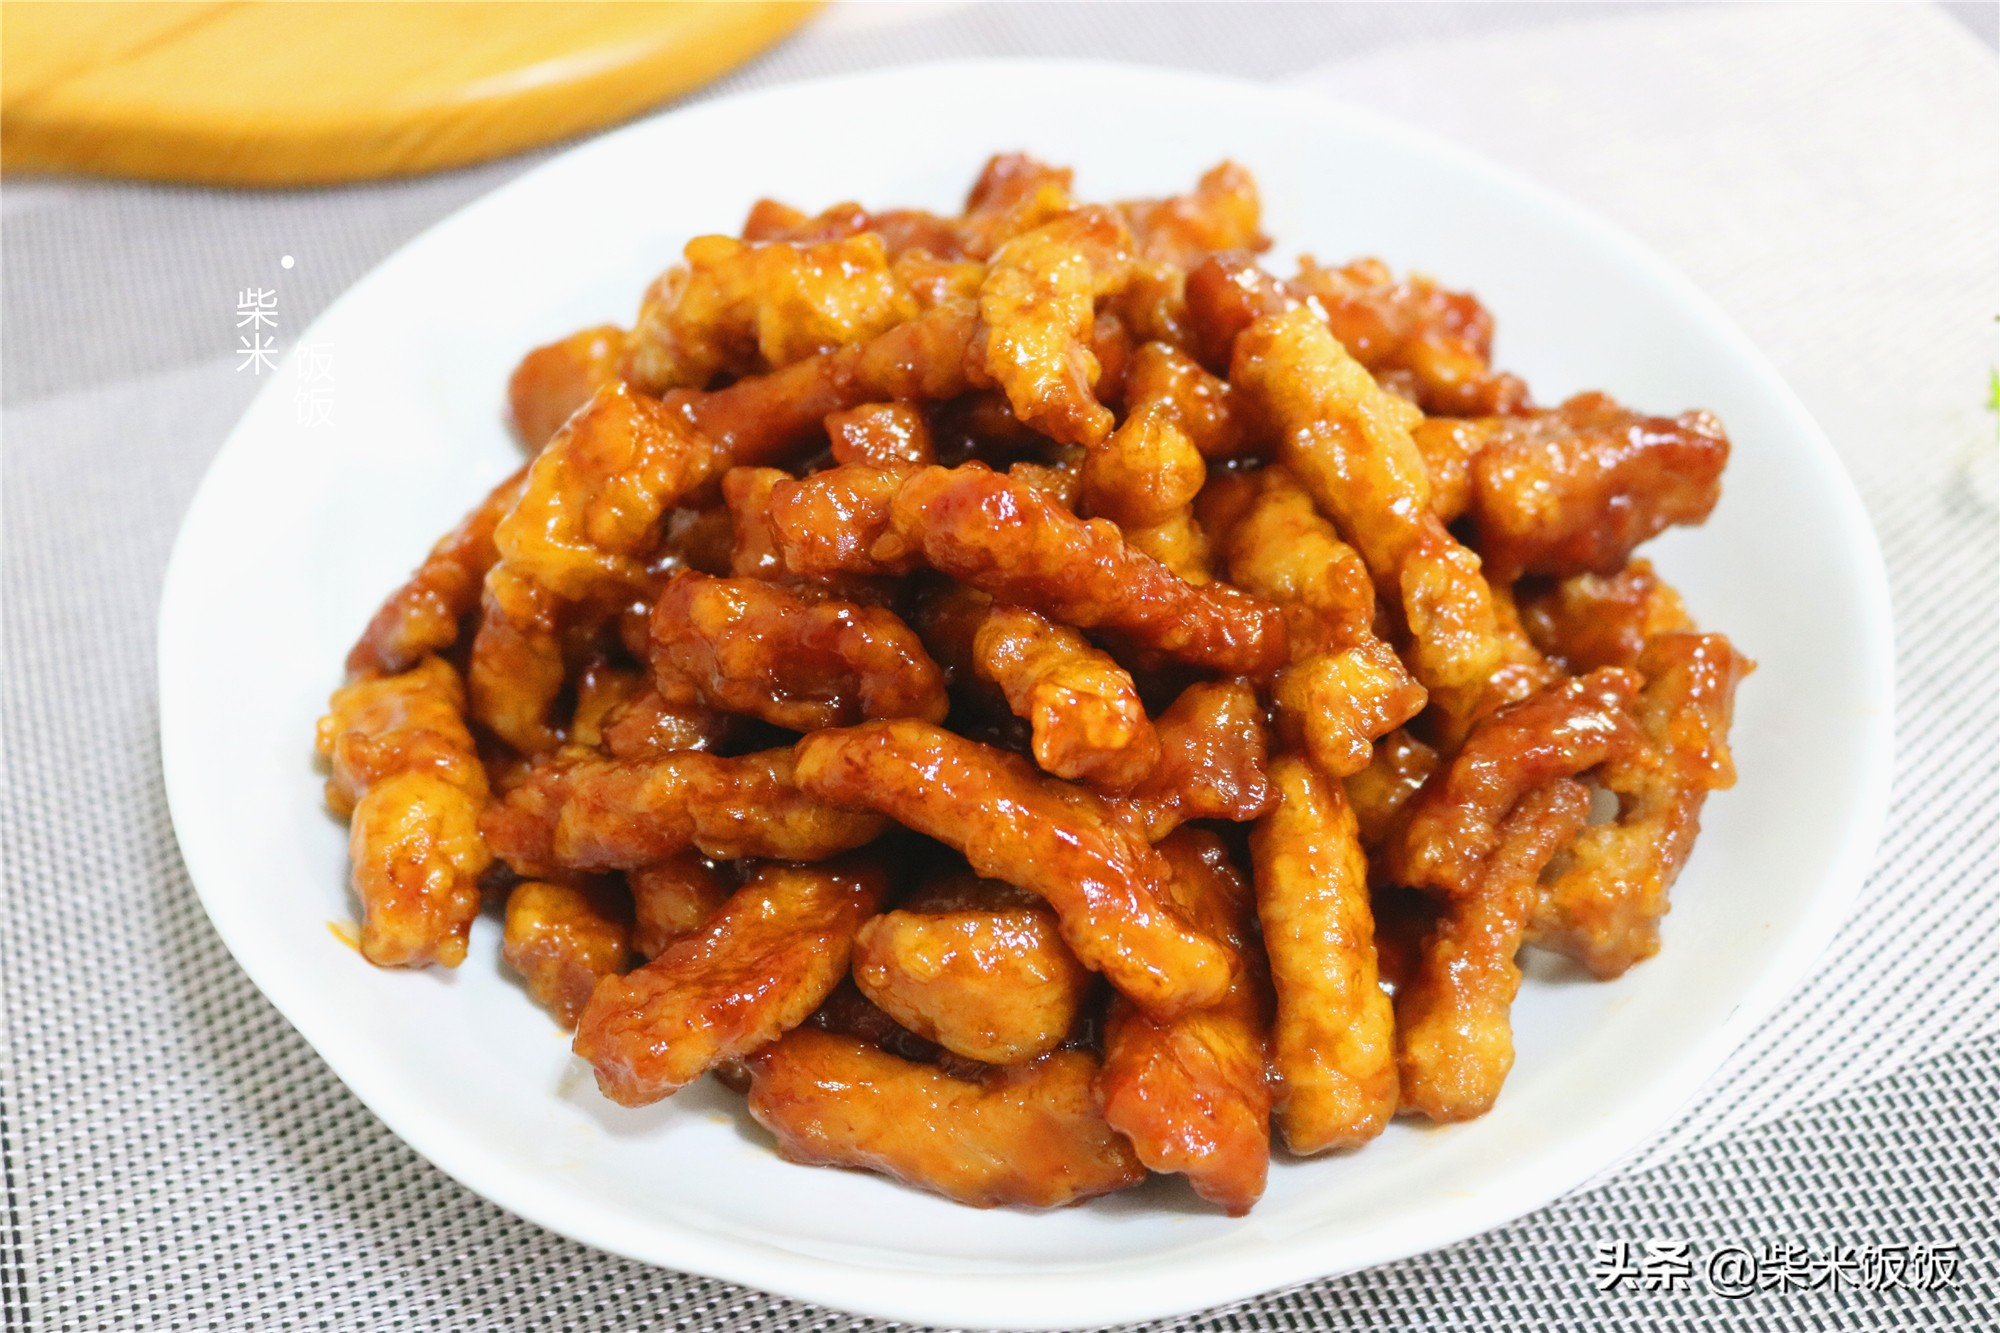 这道菜几天不吃就会想,外酥里嫩,酸甜开胃,爱吃肉的尤其喜欢